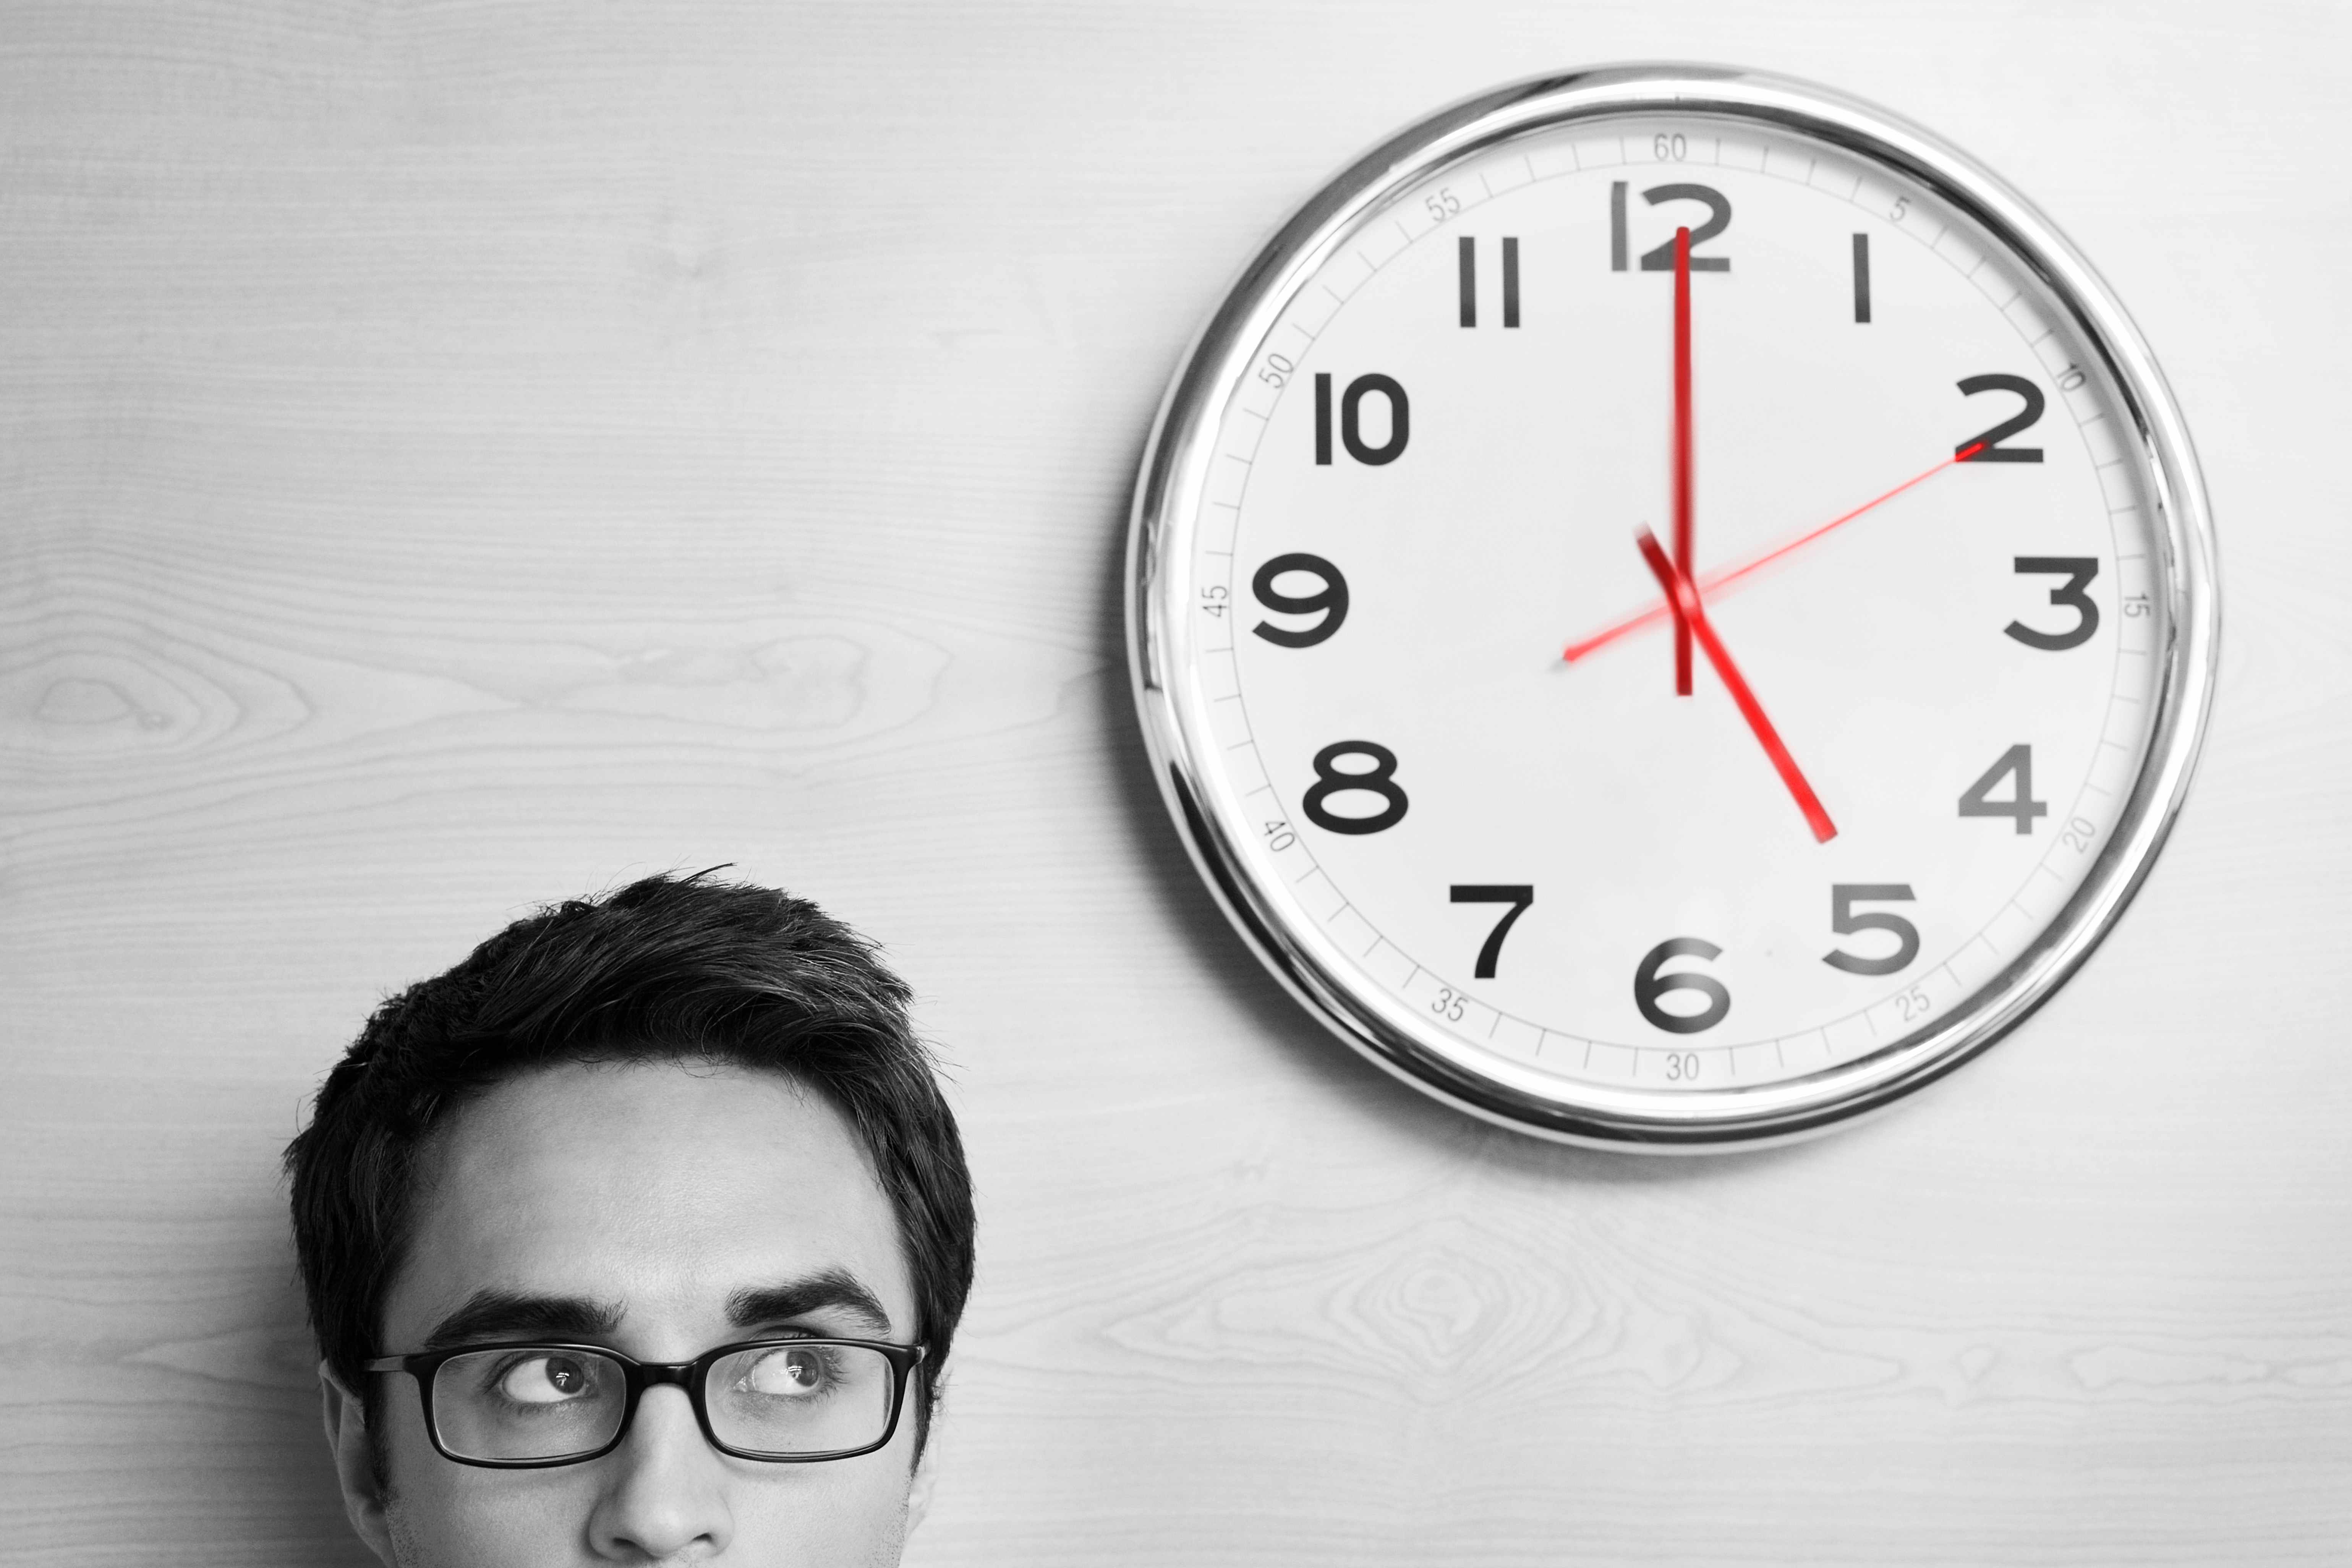 働きやすい職場ってなんだろう?長時間労働と働き方改革について考えてみませんか